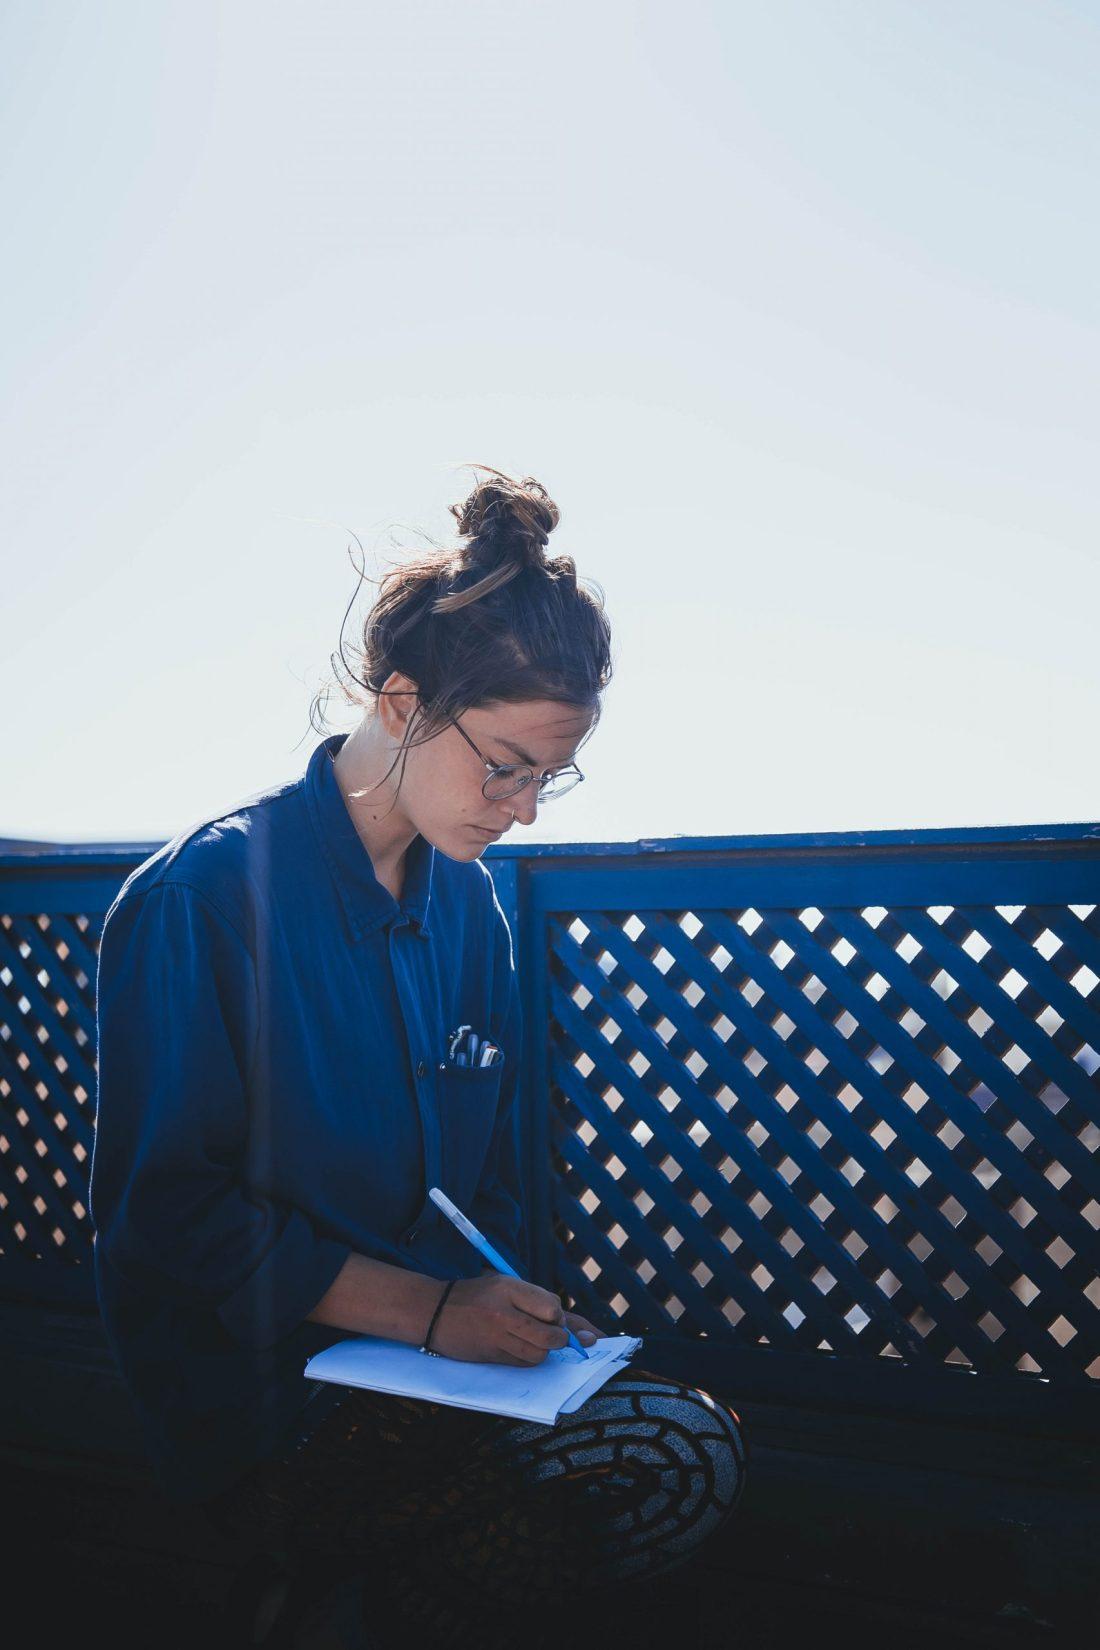 Portrait de l'artiste et photographe Cécile Jaillard prise au Maroc à Essaouira.